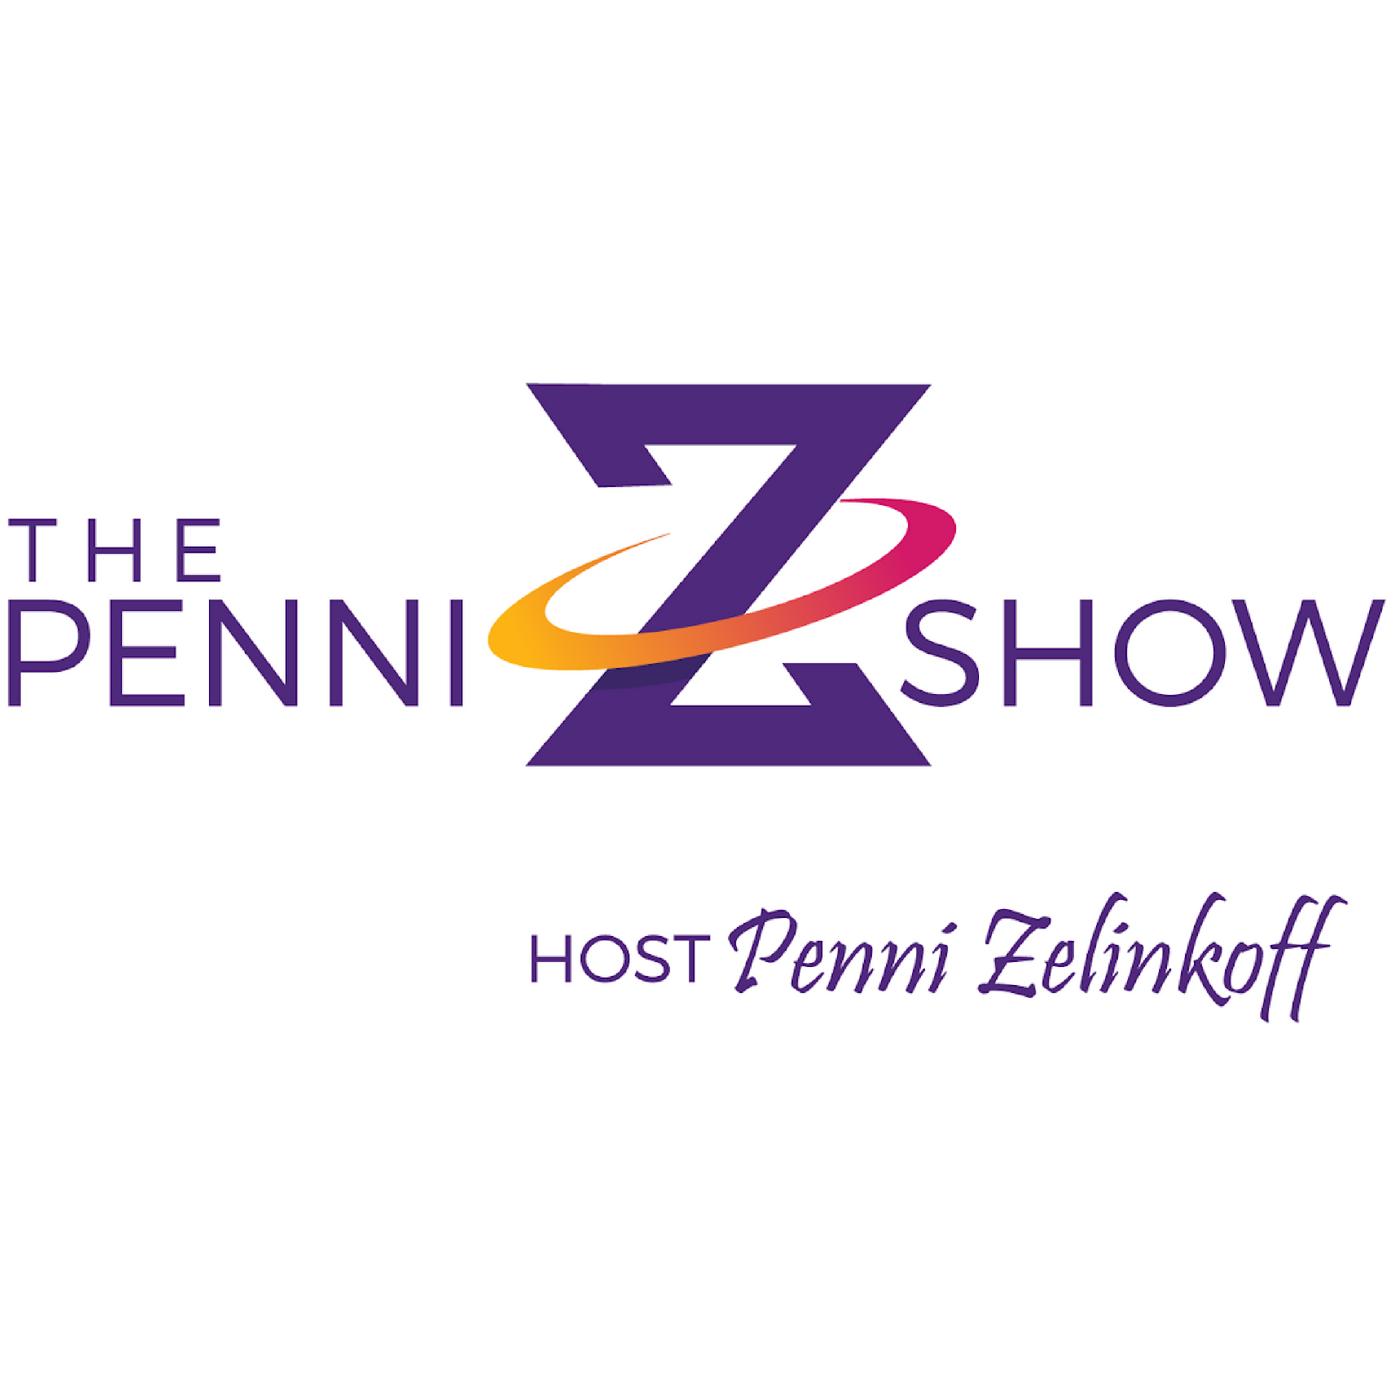 The PenniZ Show show art